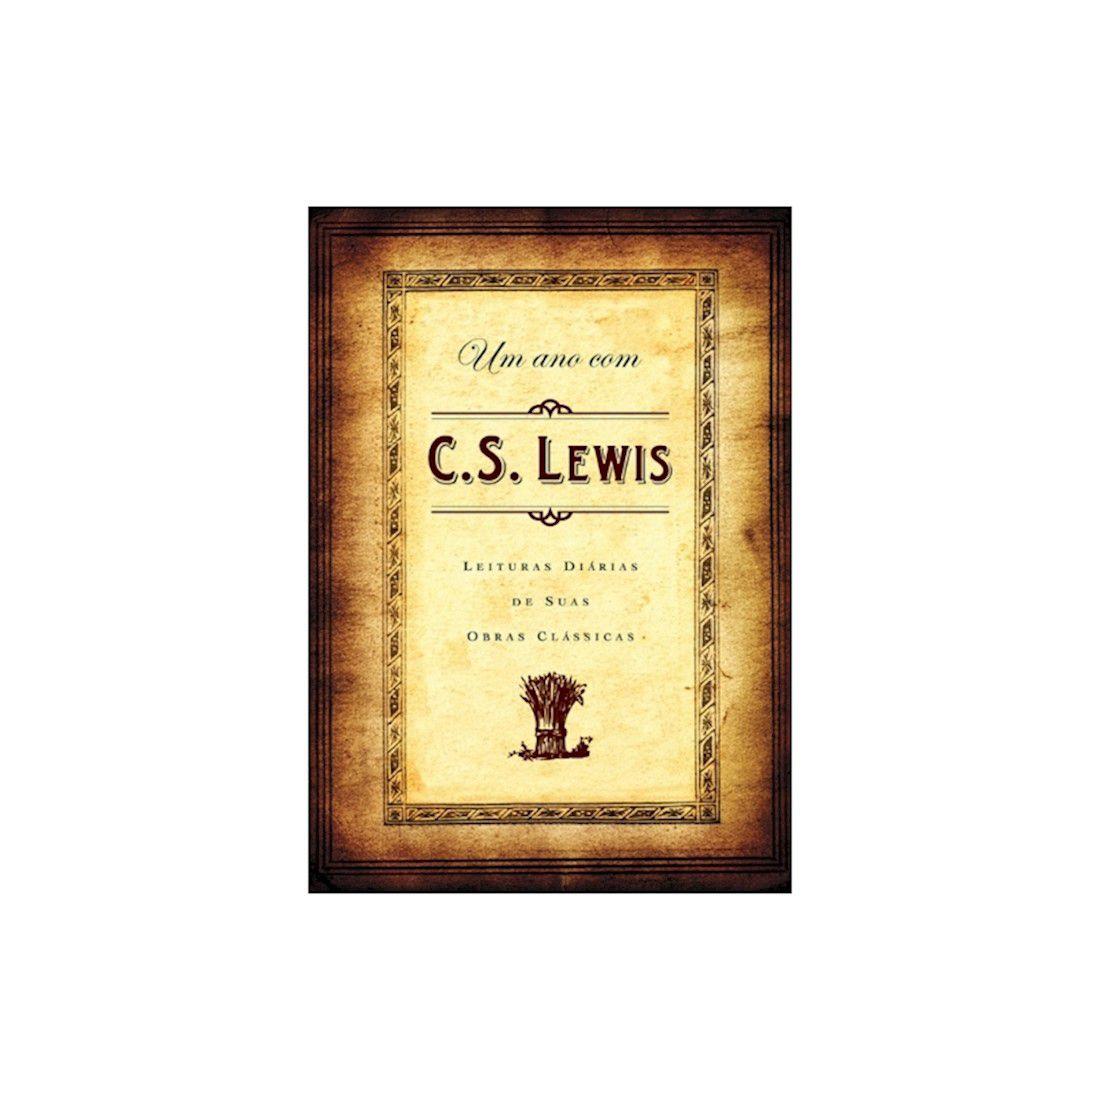 Livro Um Ano com C. S. Lewis - Leituras Diárias de Suas Obras Clássicas